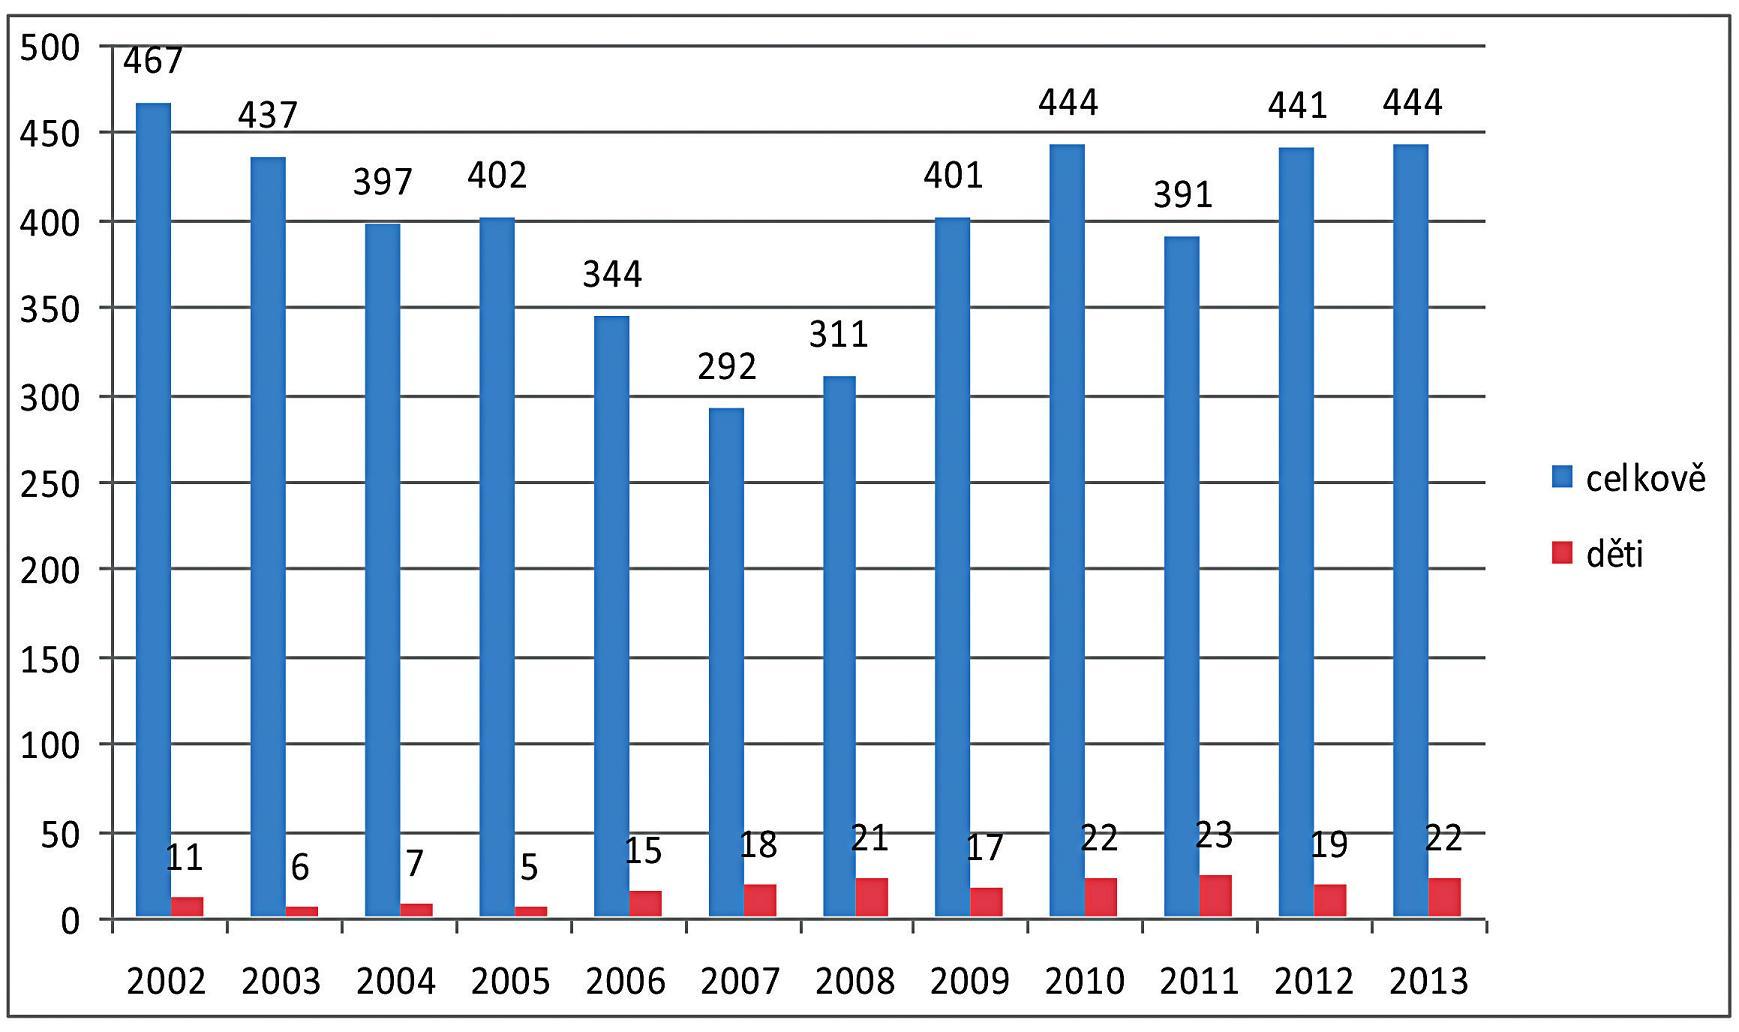 Celkový počet ošetřených pacientů a dětí v CHM v letech 2002–2013